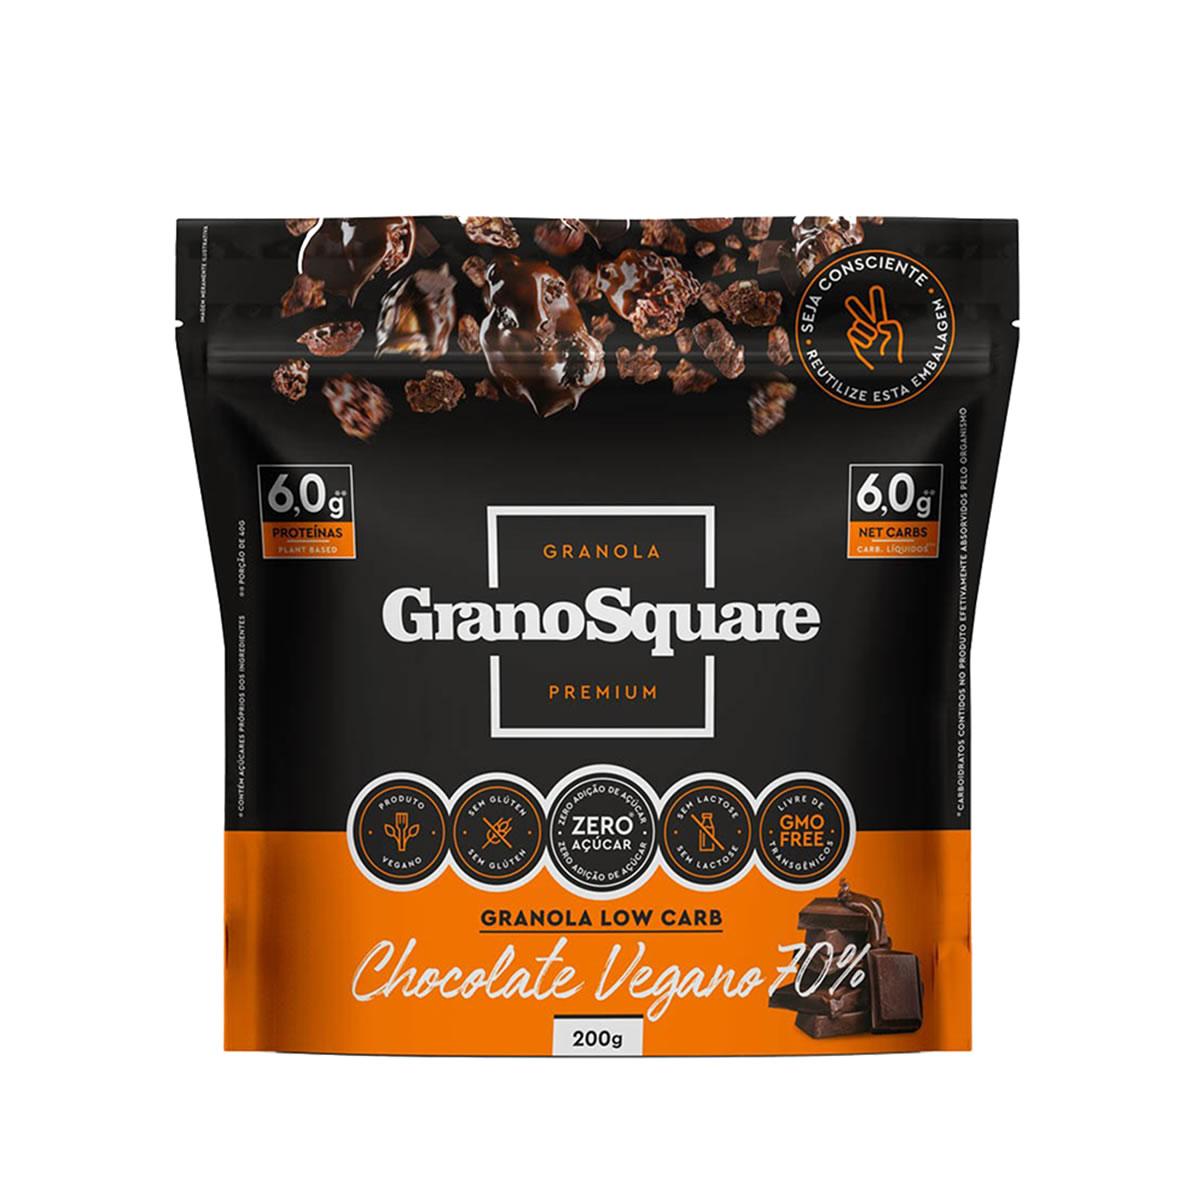 Granola Low Carb Chocolate Vegano 70% 200g - GranoSquare